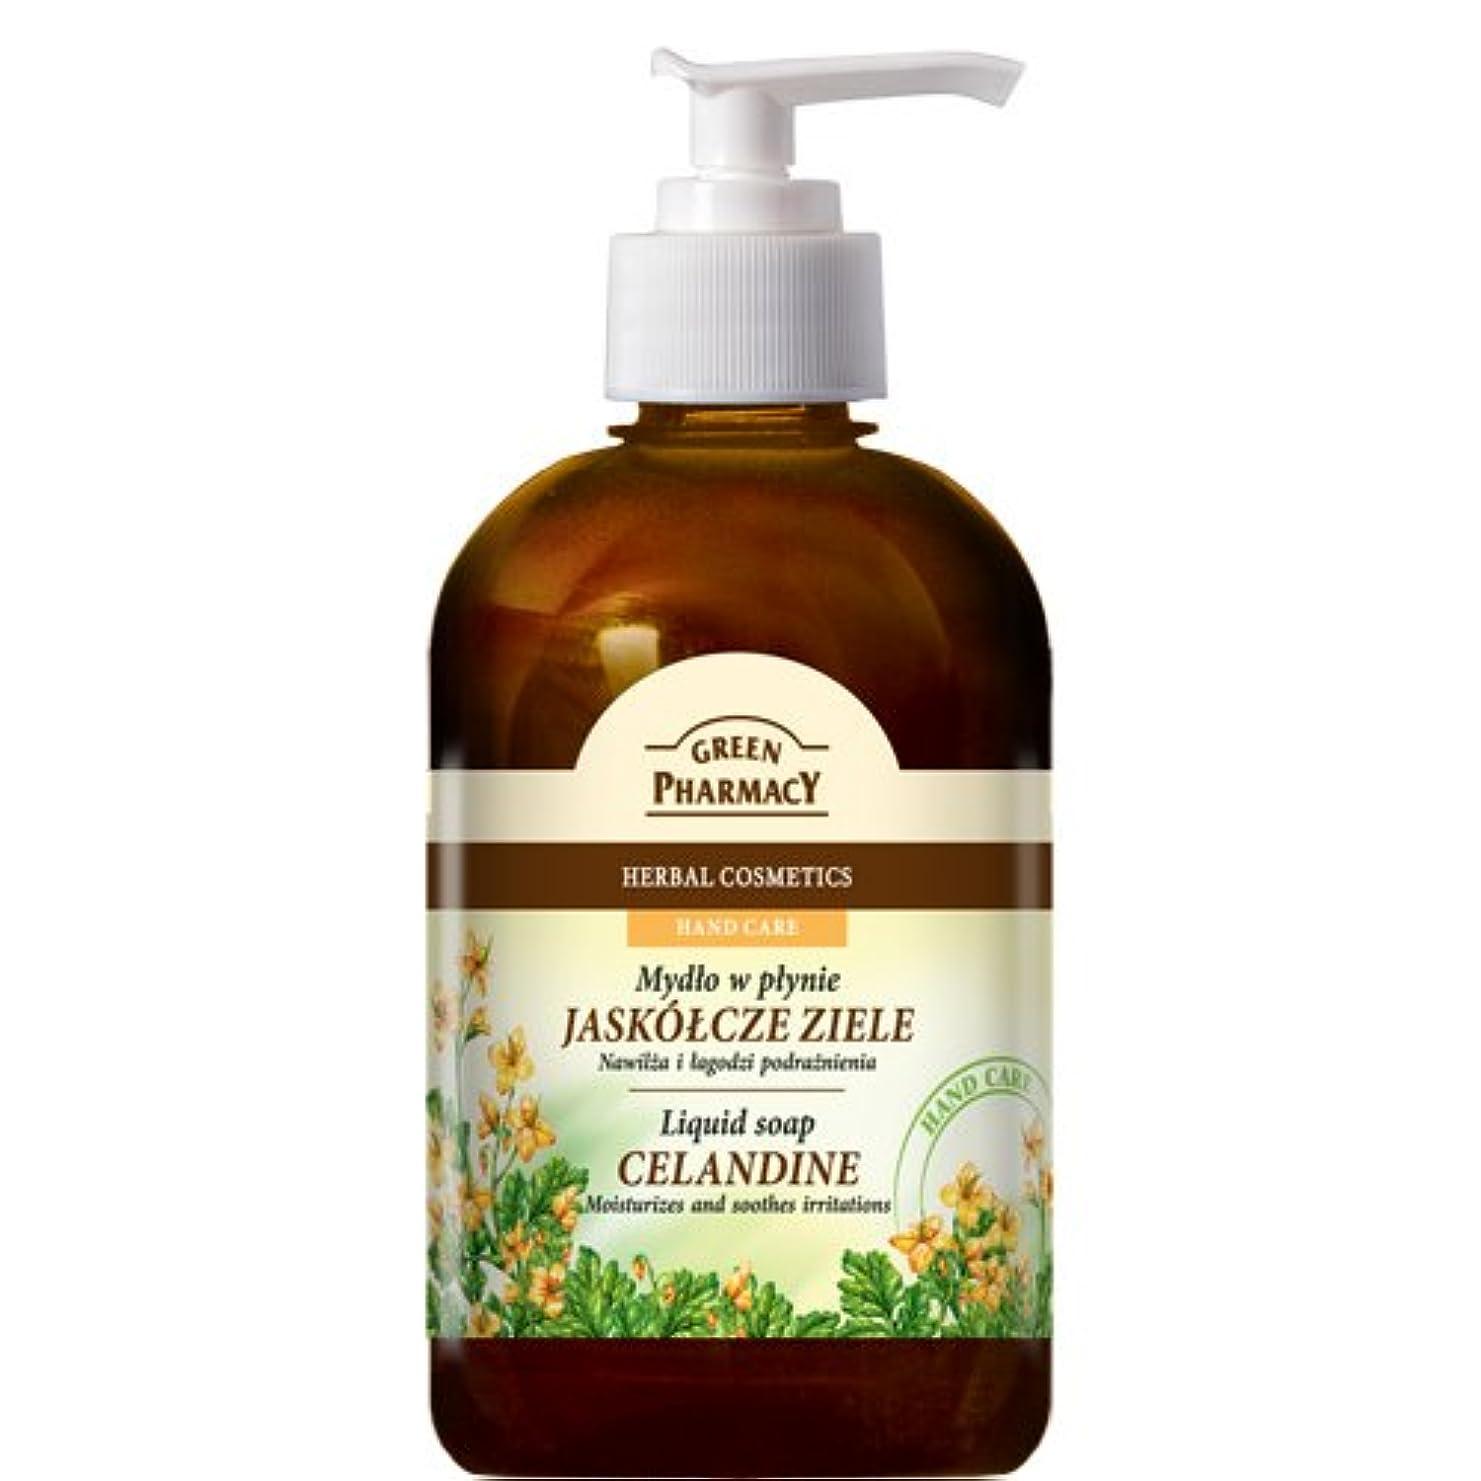 敏感な経由で上向きElfa Pharm Green Pharmacy グリーンファーマシー Liquid Soap リキッドソープ Celandine クサノオウ